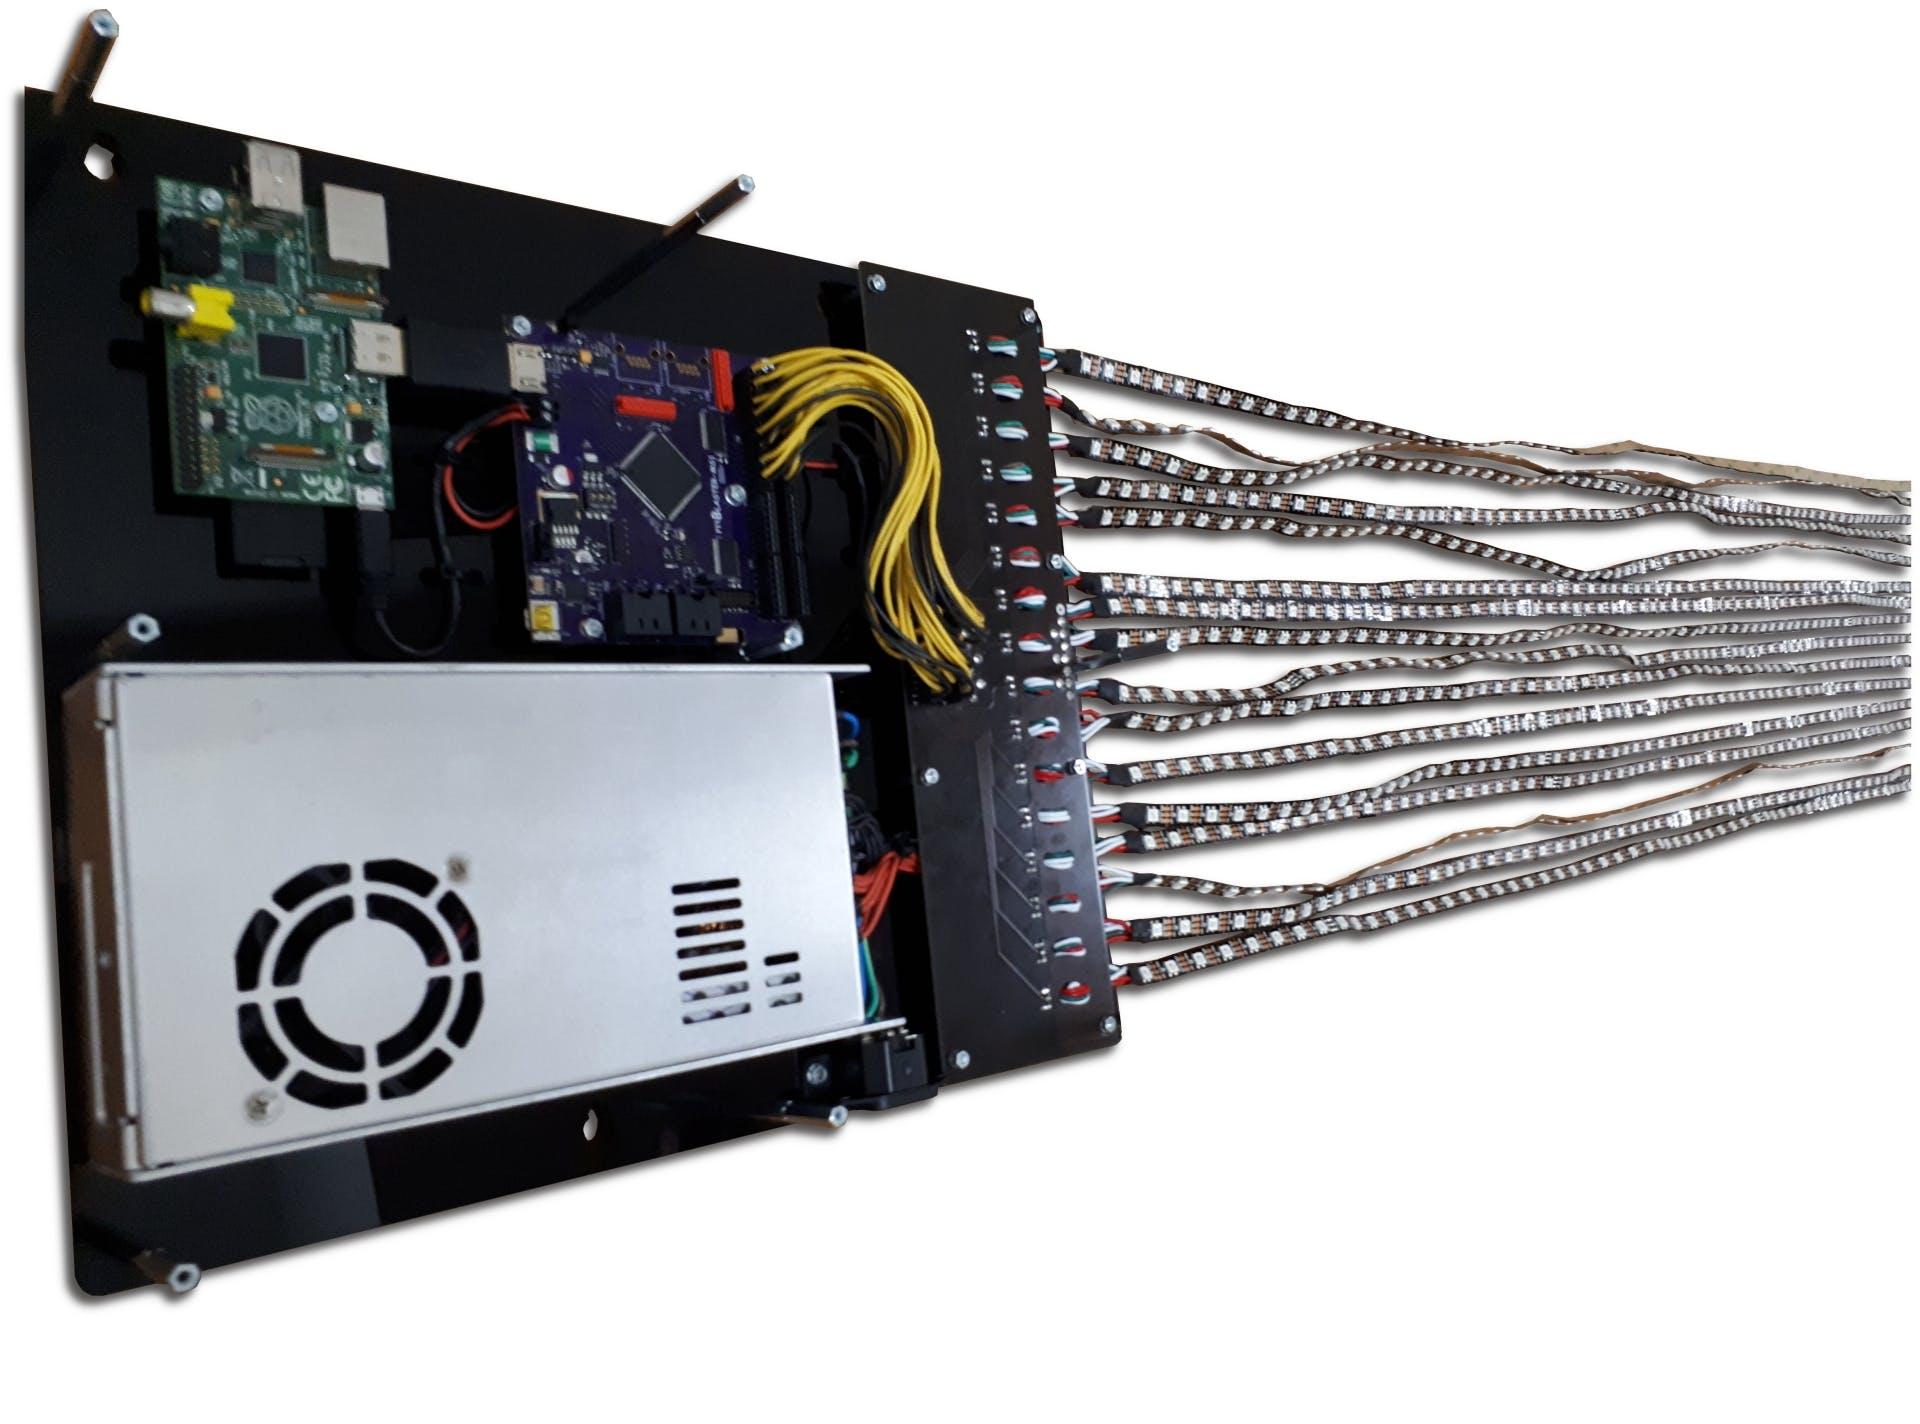 Figure 1: Pixblasters-Light Micro Demo Video LED DIsplay